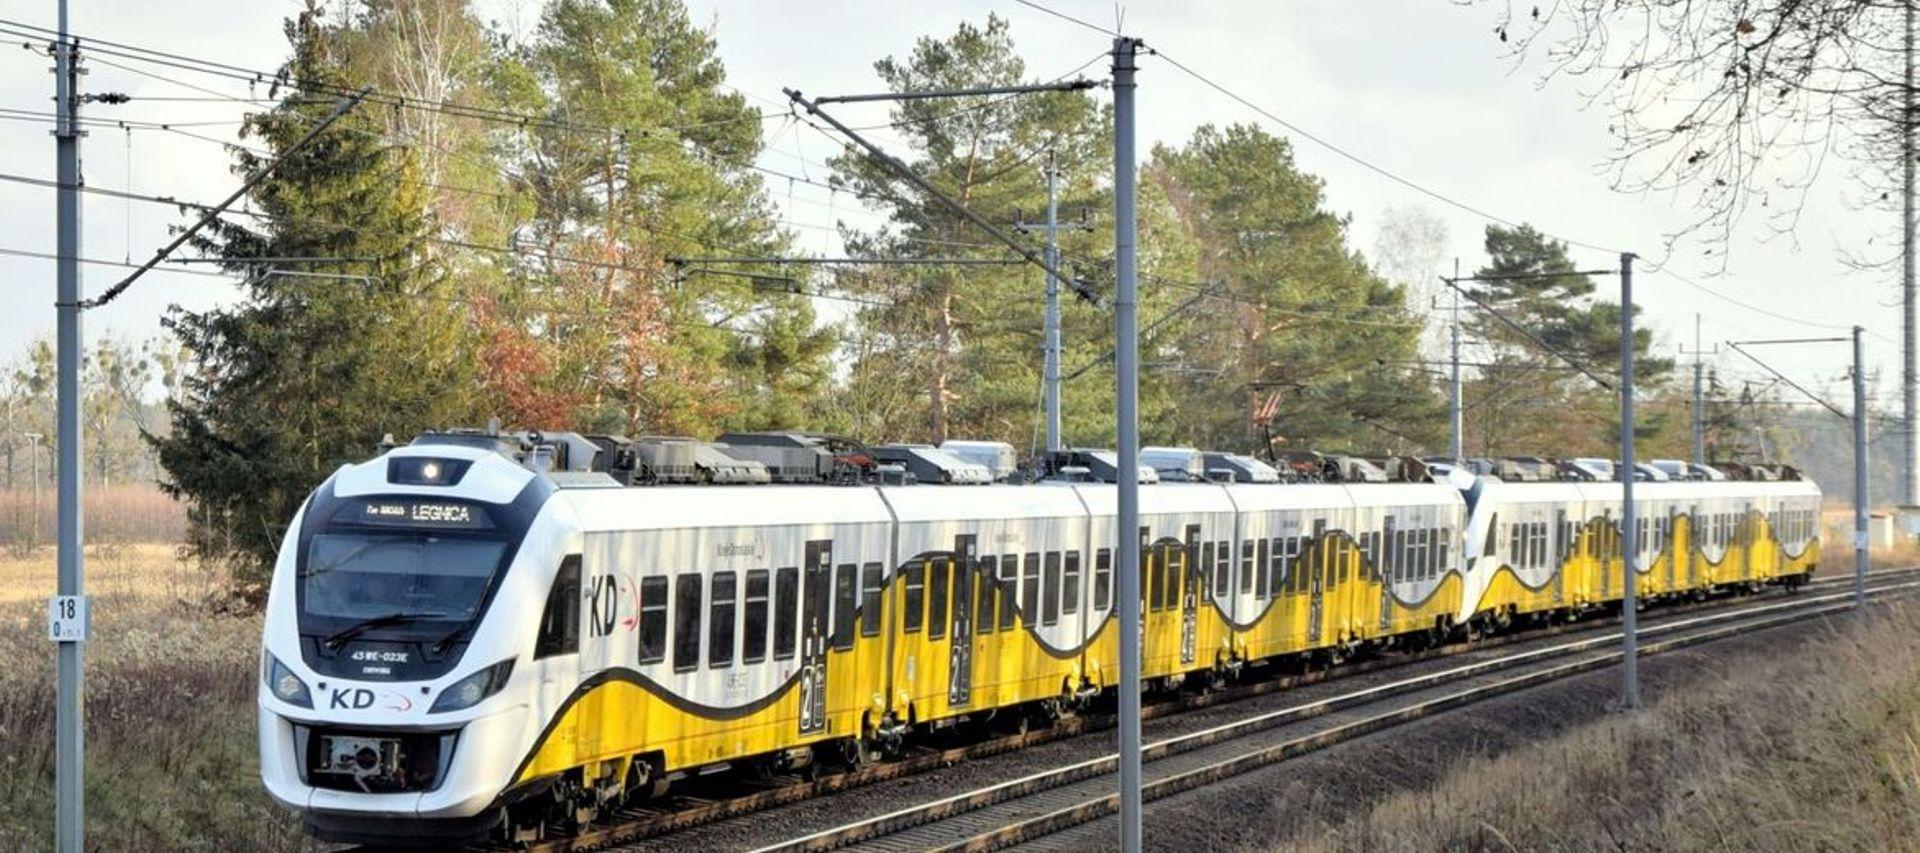 Urząd Marszałkowski przejmie wkrótce sześć kolejnych linii kolejowych na Dolnym Śląsku